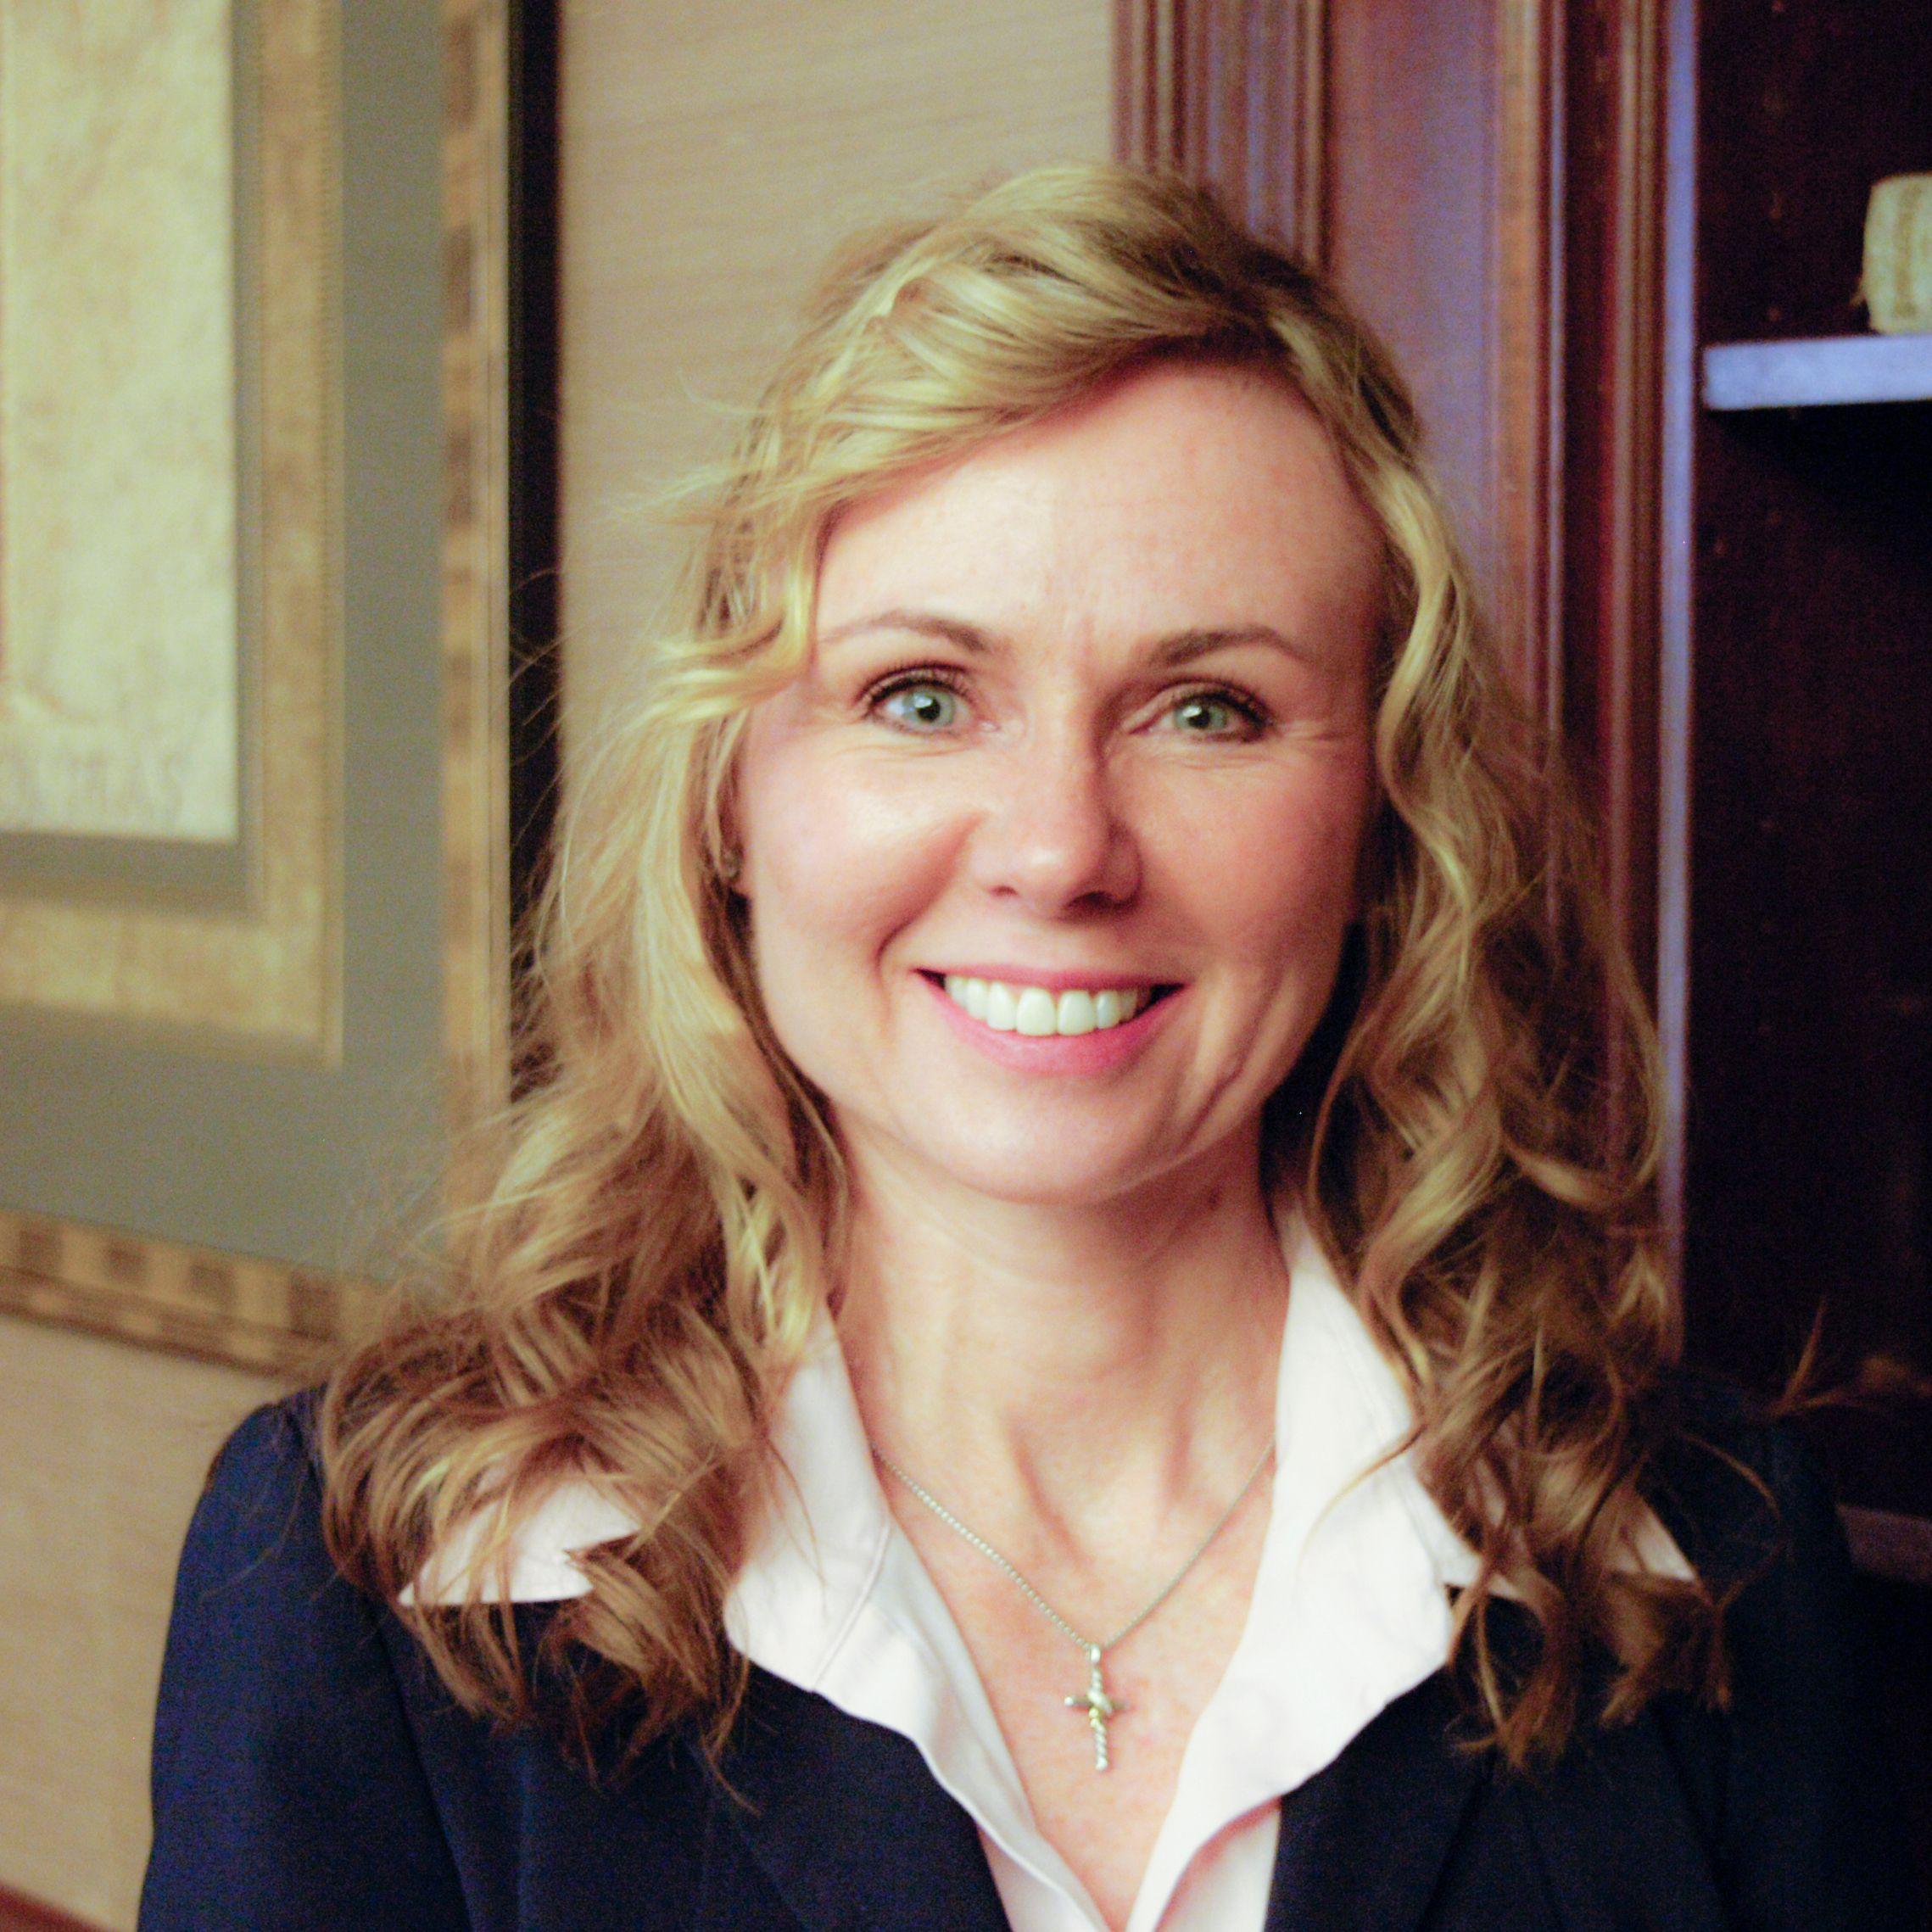 Wendy McCrackin